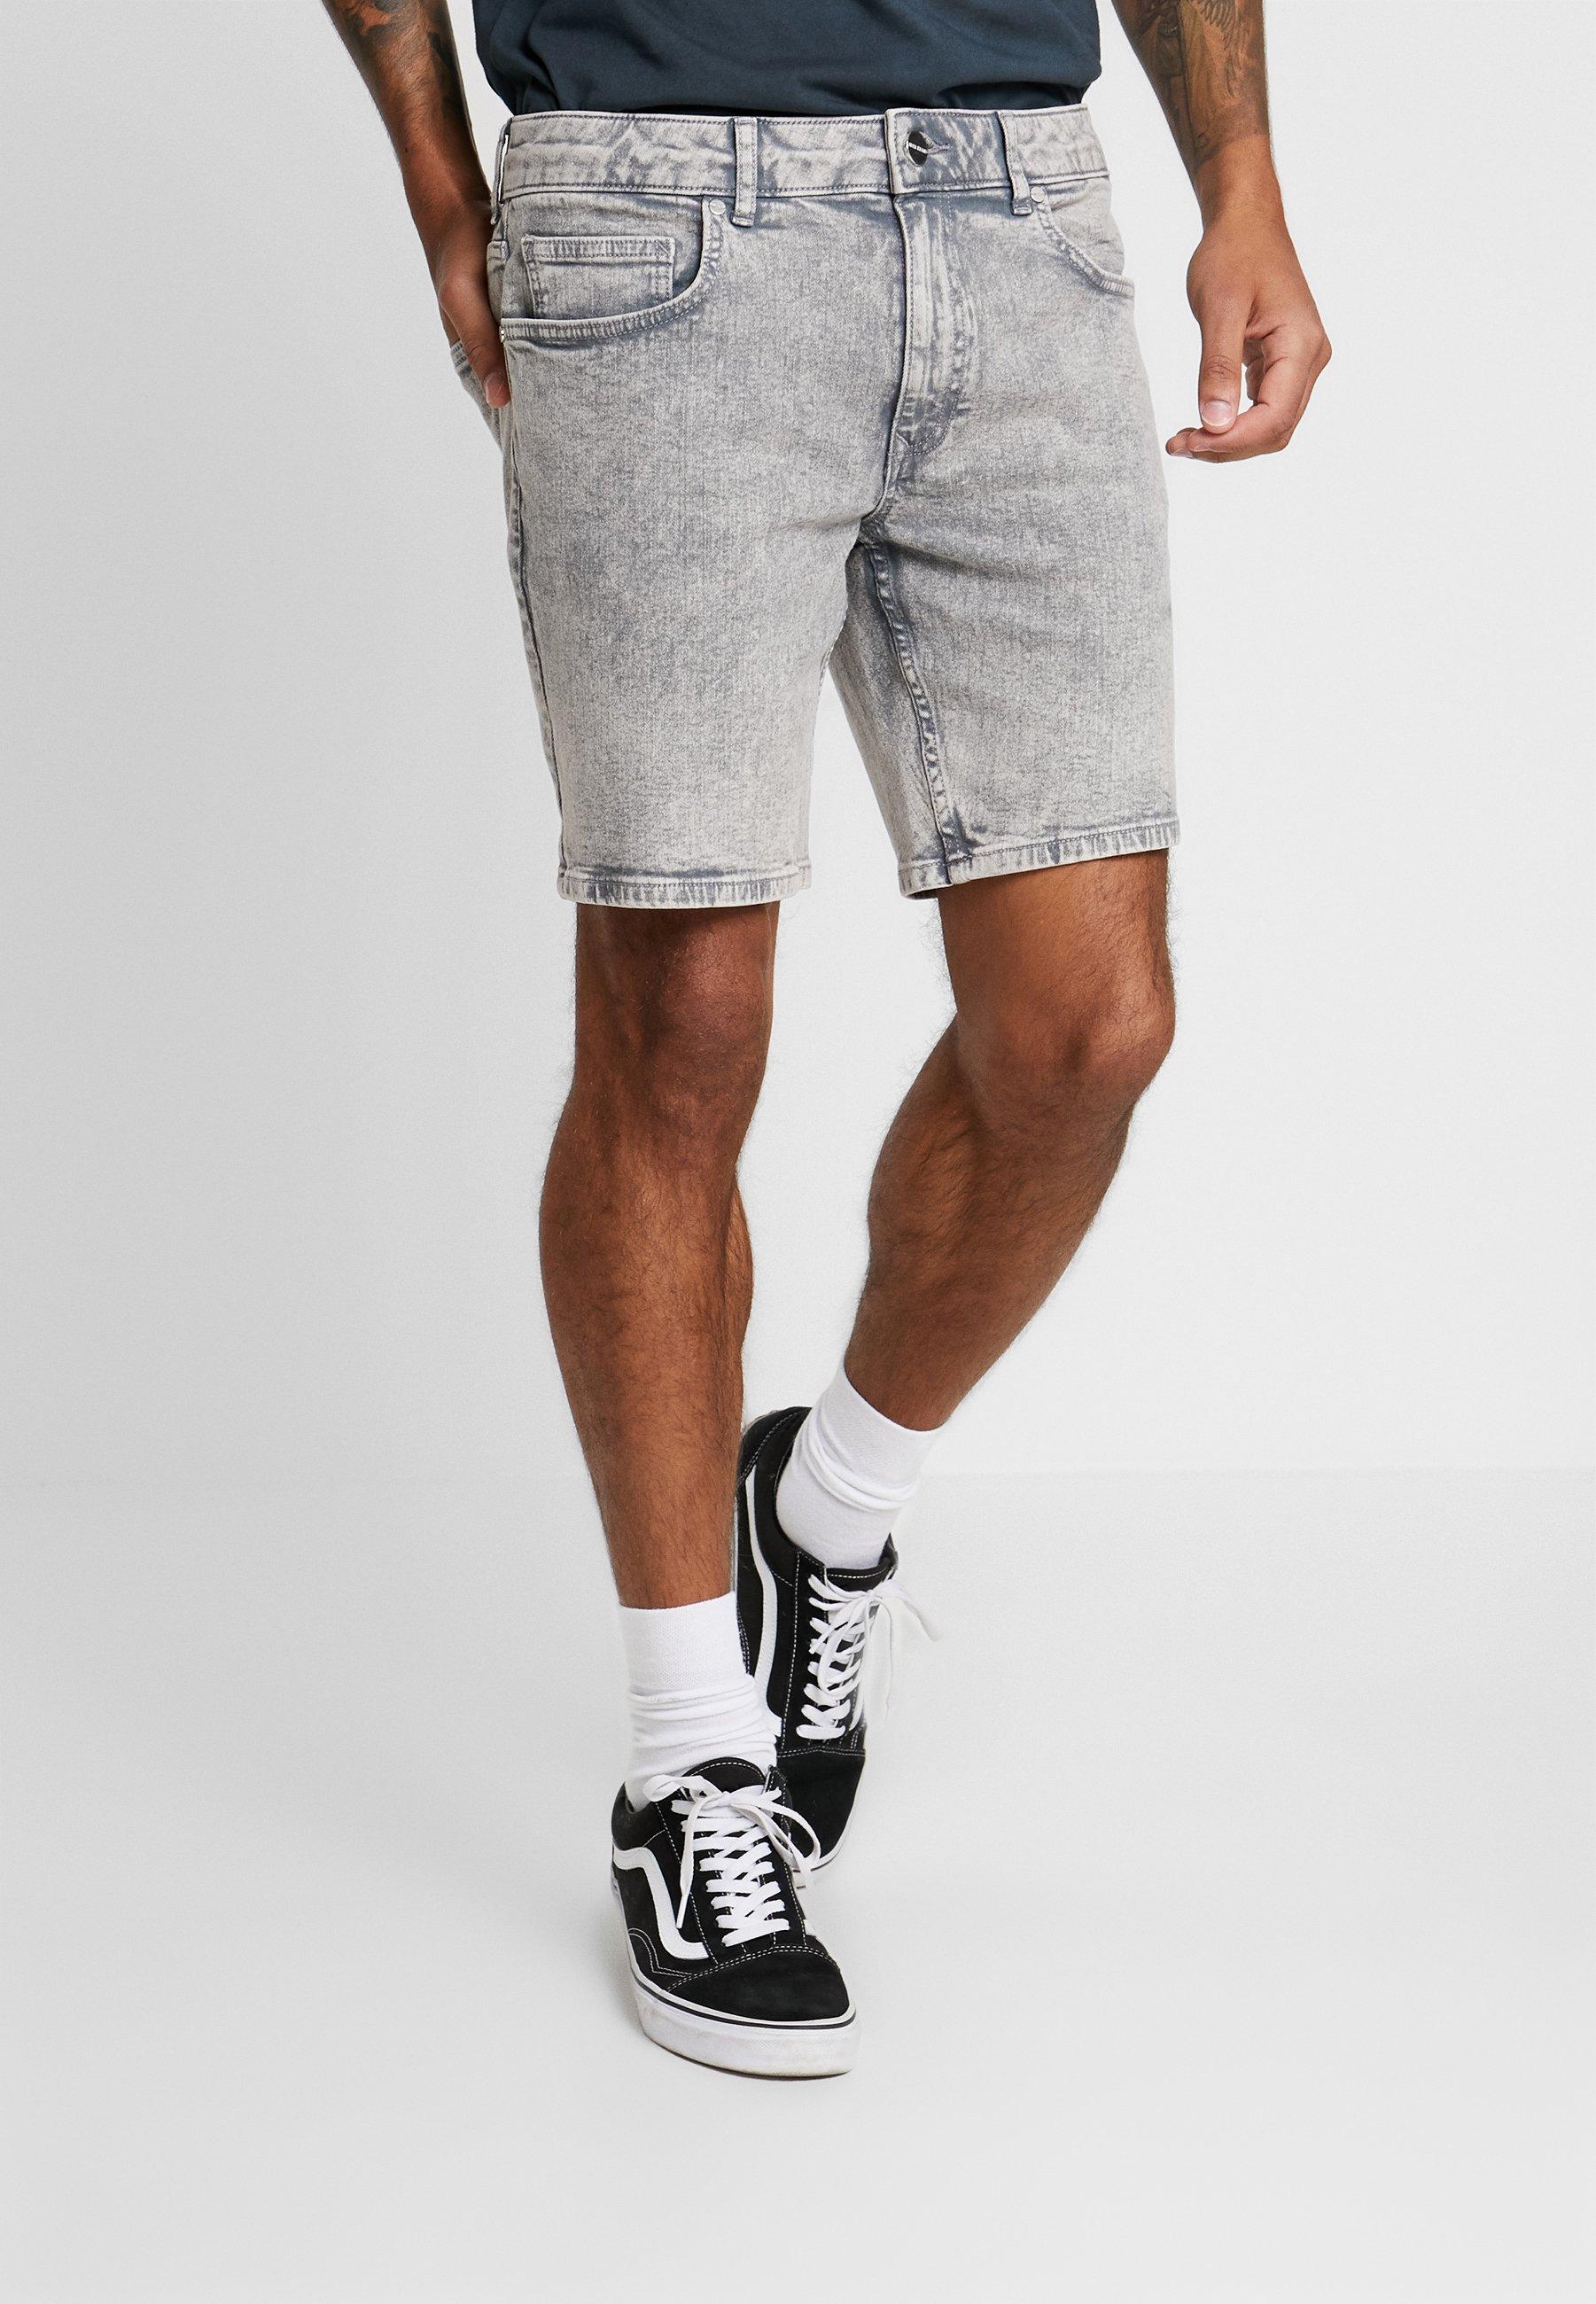 River Island Szorty jeansowe - grey